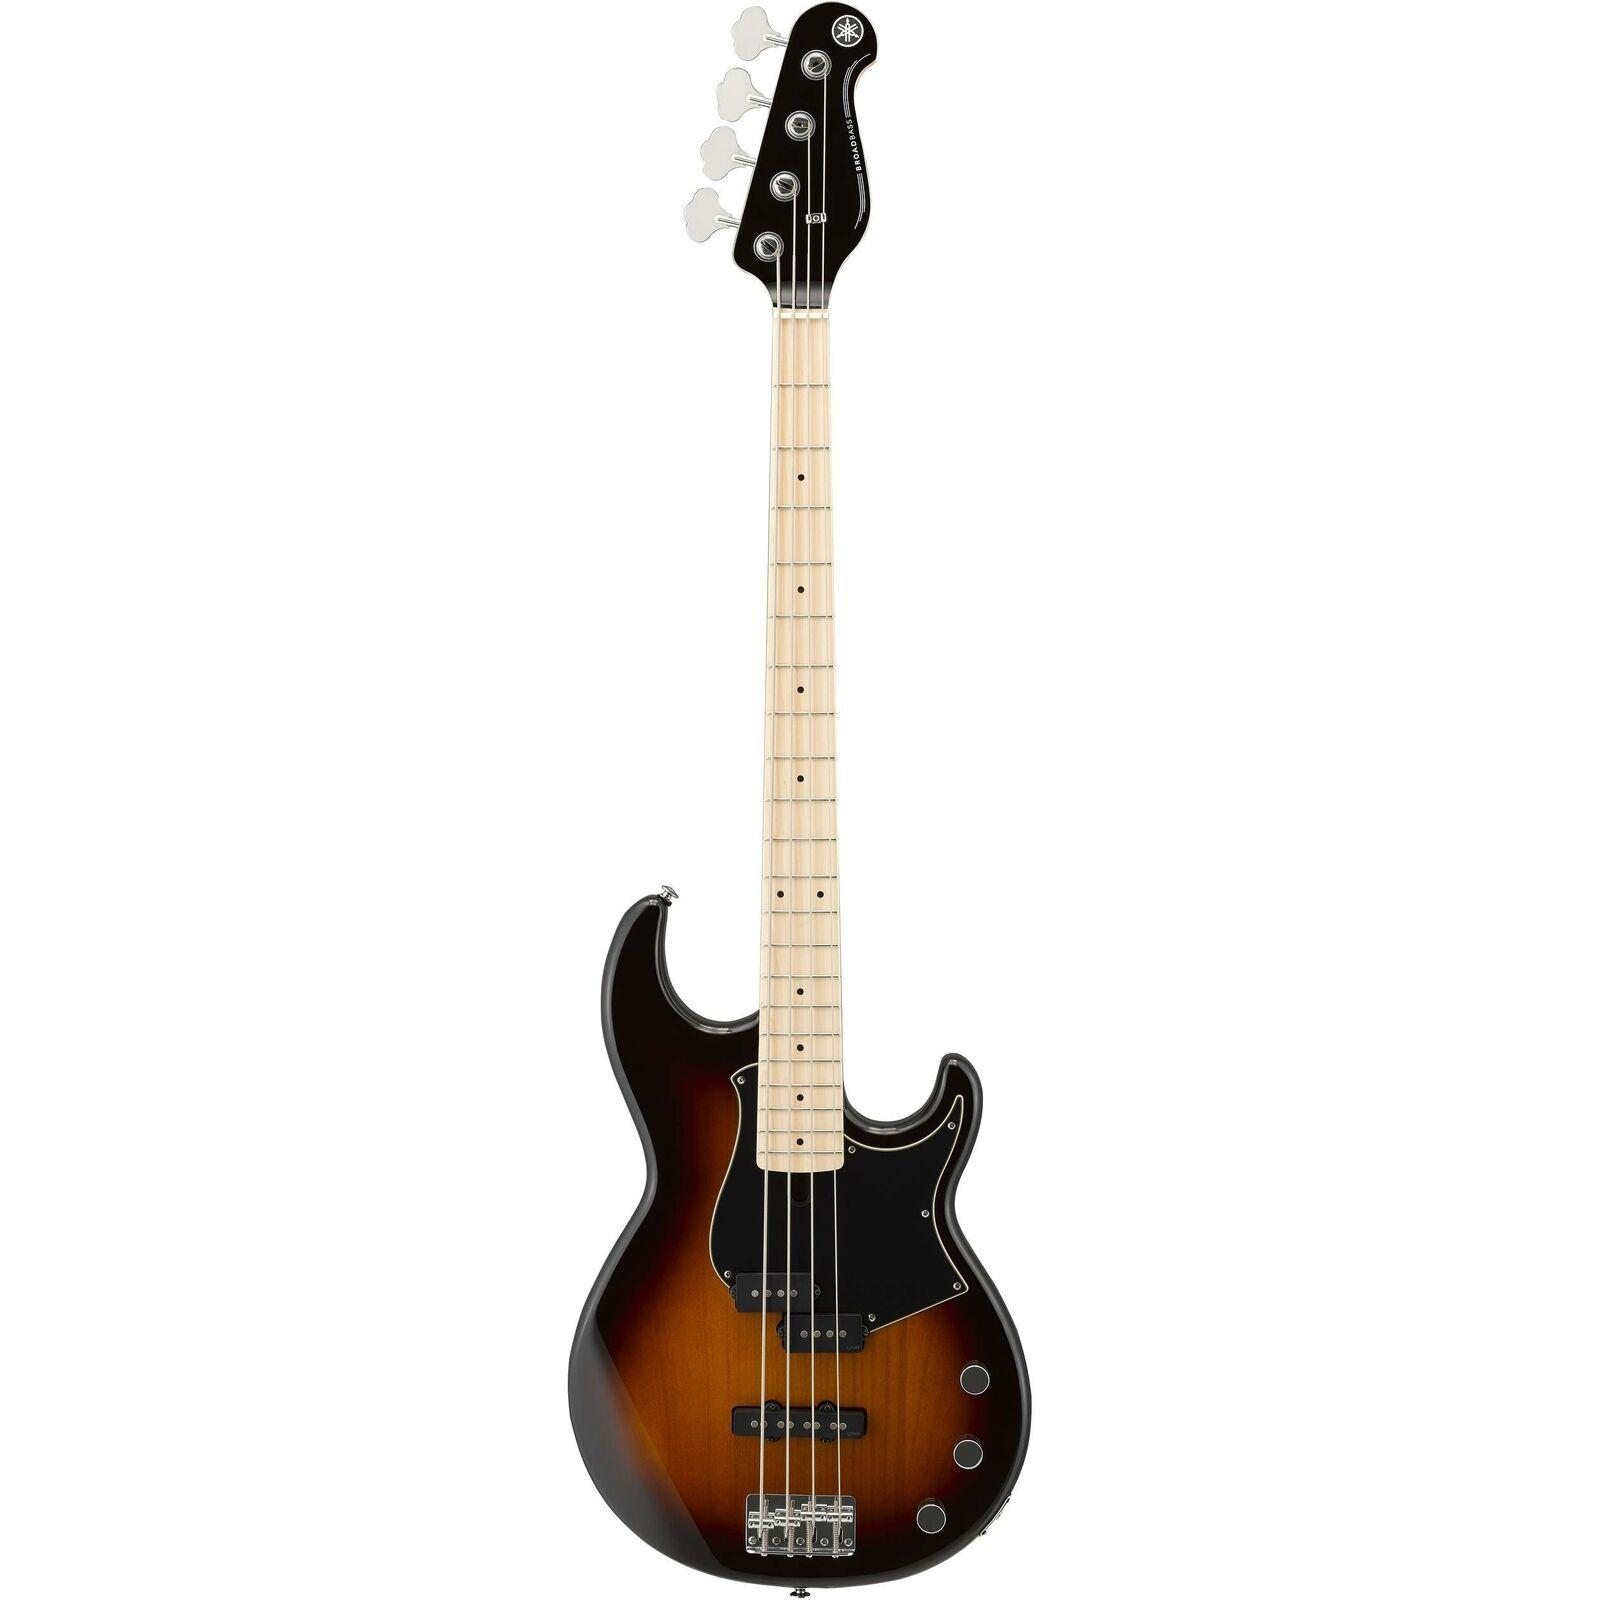 Yamaha BB434M Tobacco braun Sunburst Gloss Finish Electric Bass